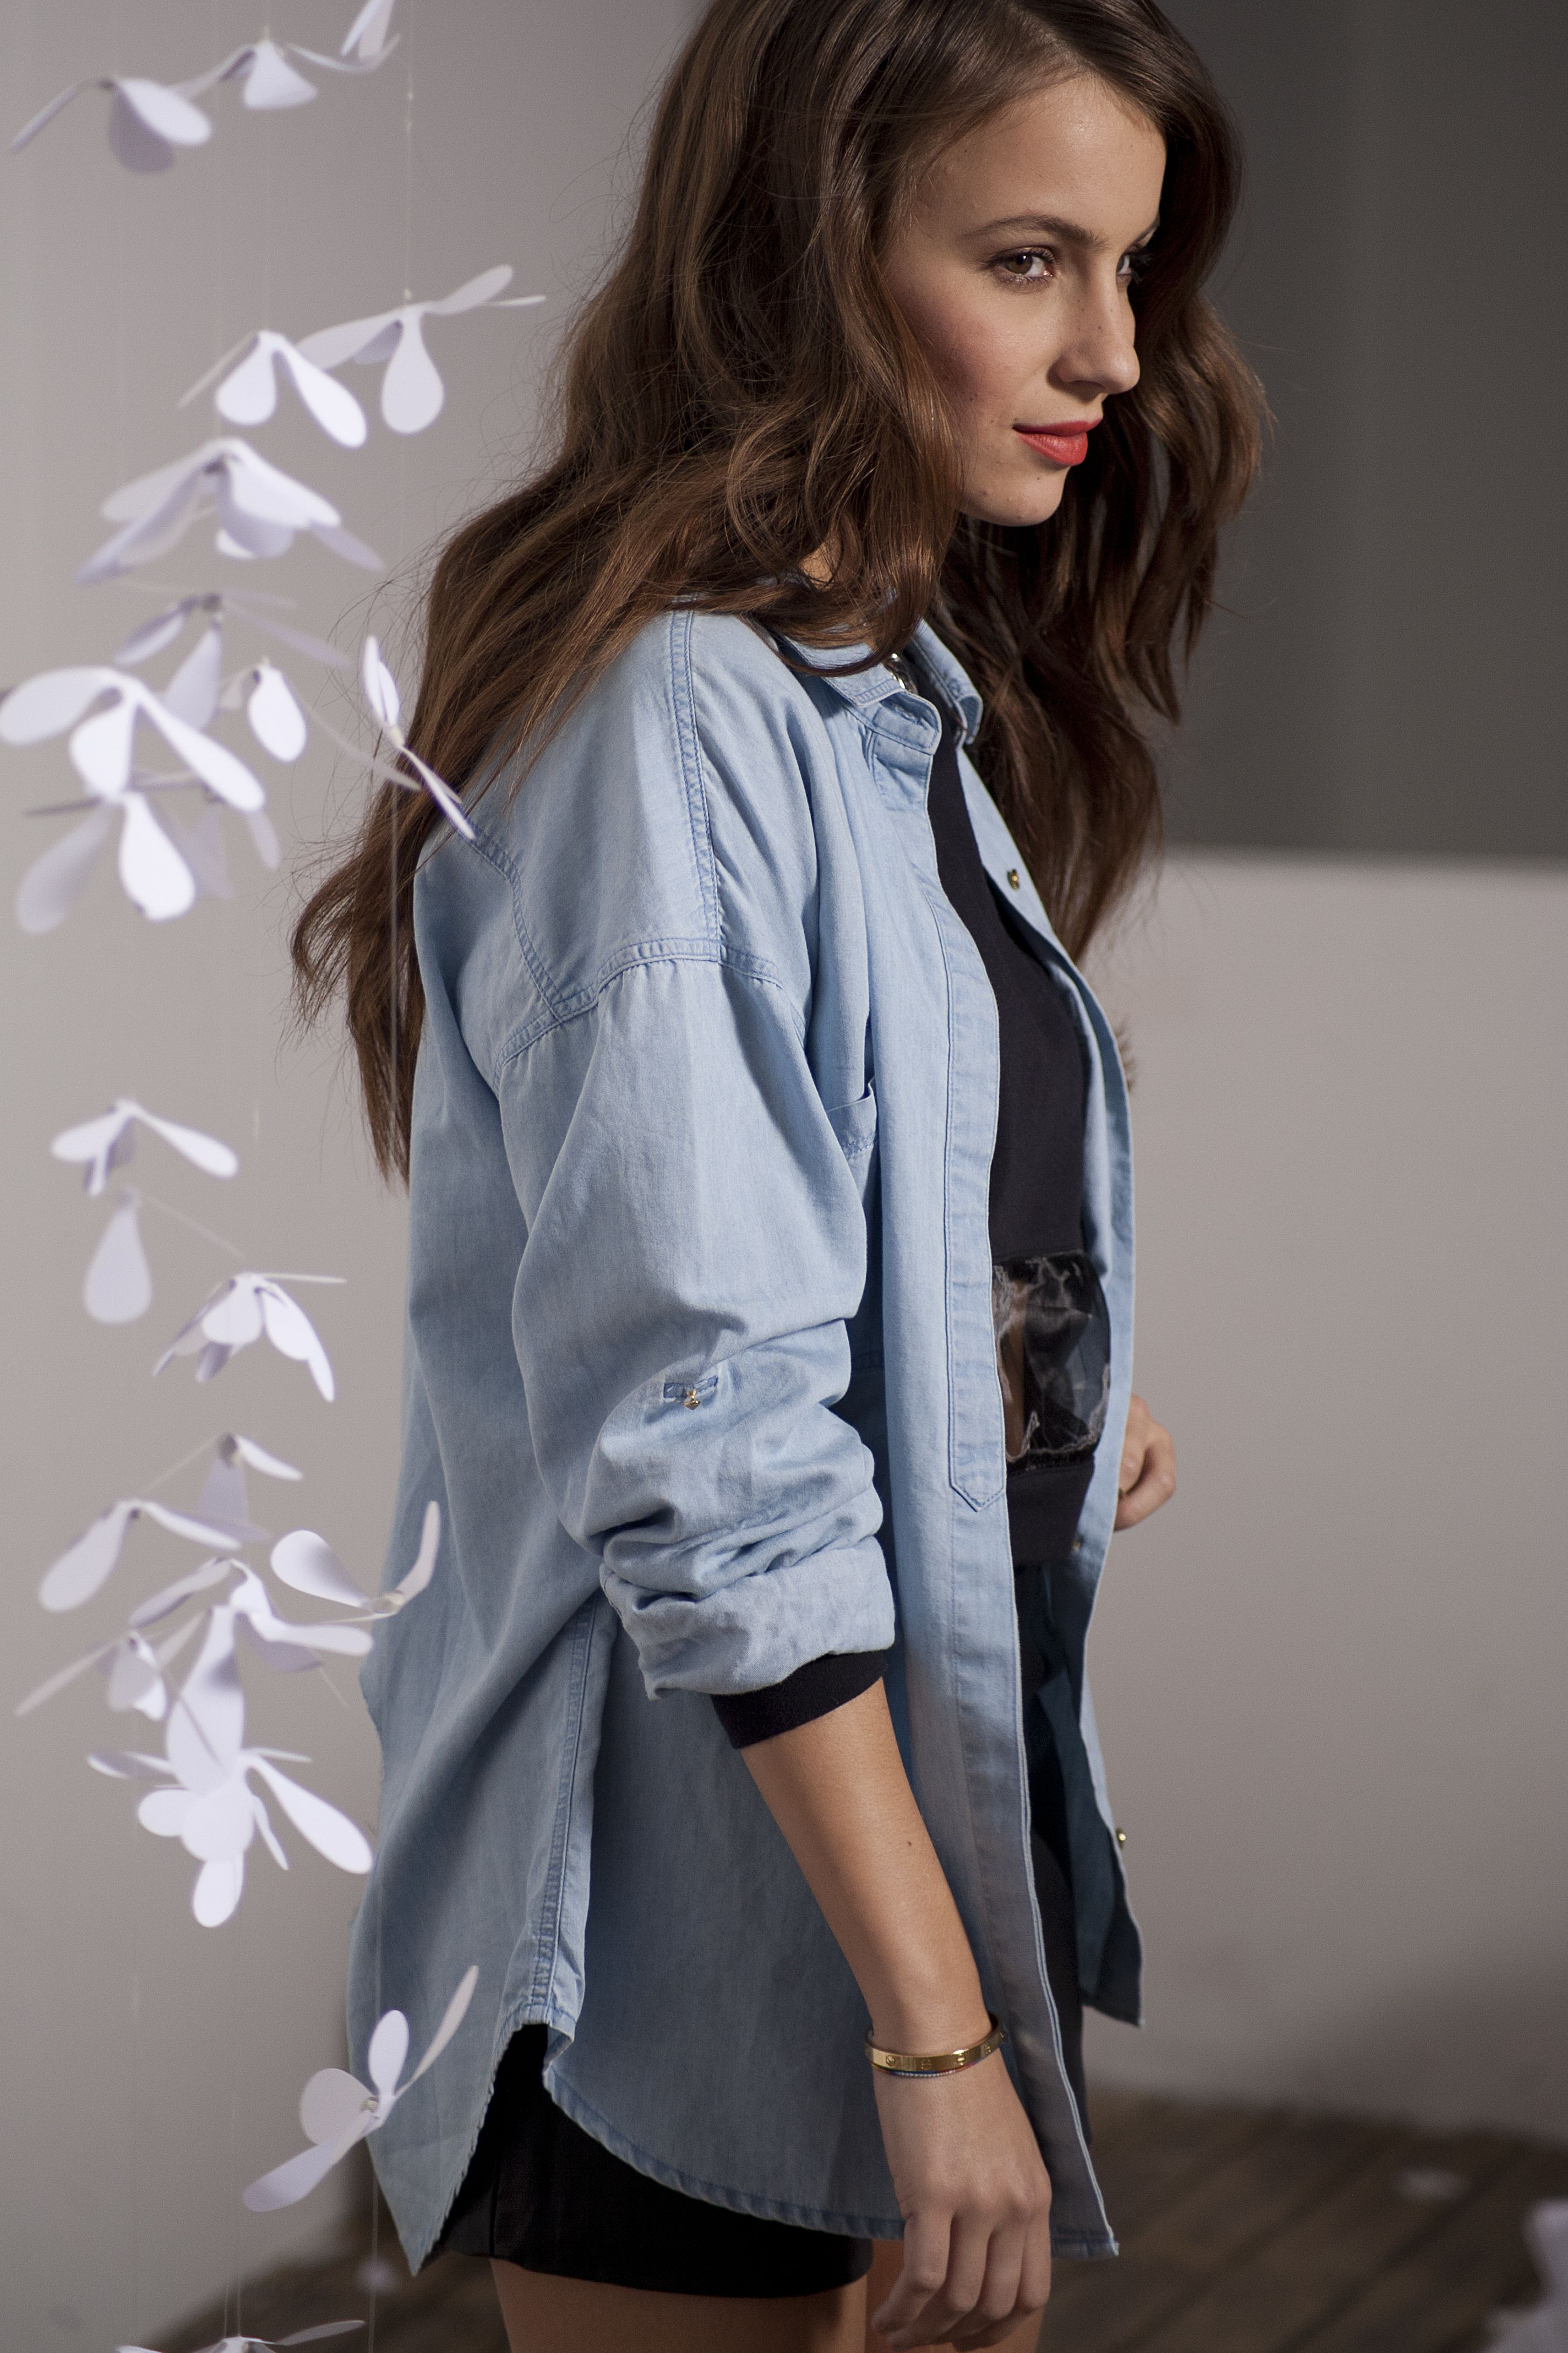 Pimkie Spring 2014 #Lookbook #collection #mode #femme #fashion #blogger @Liz Huereque van der Ligt #backstage